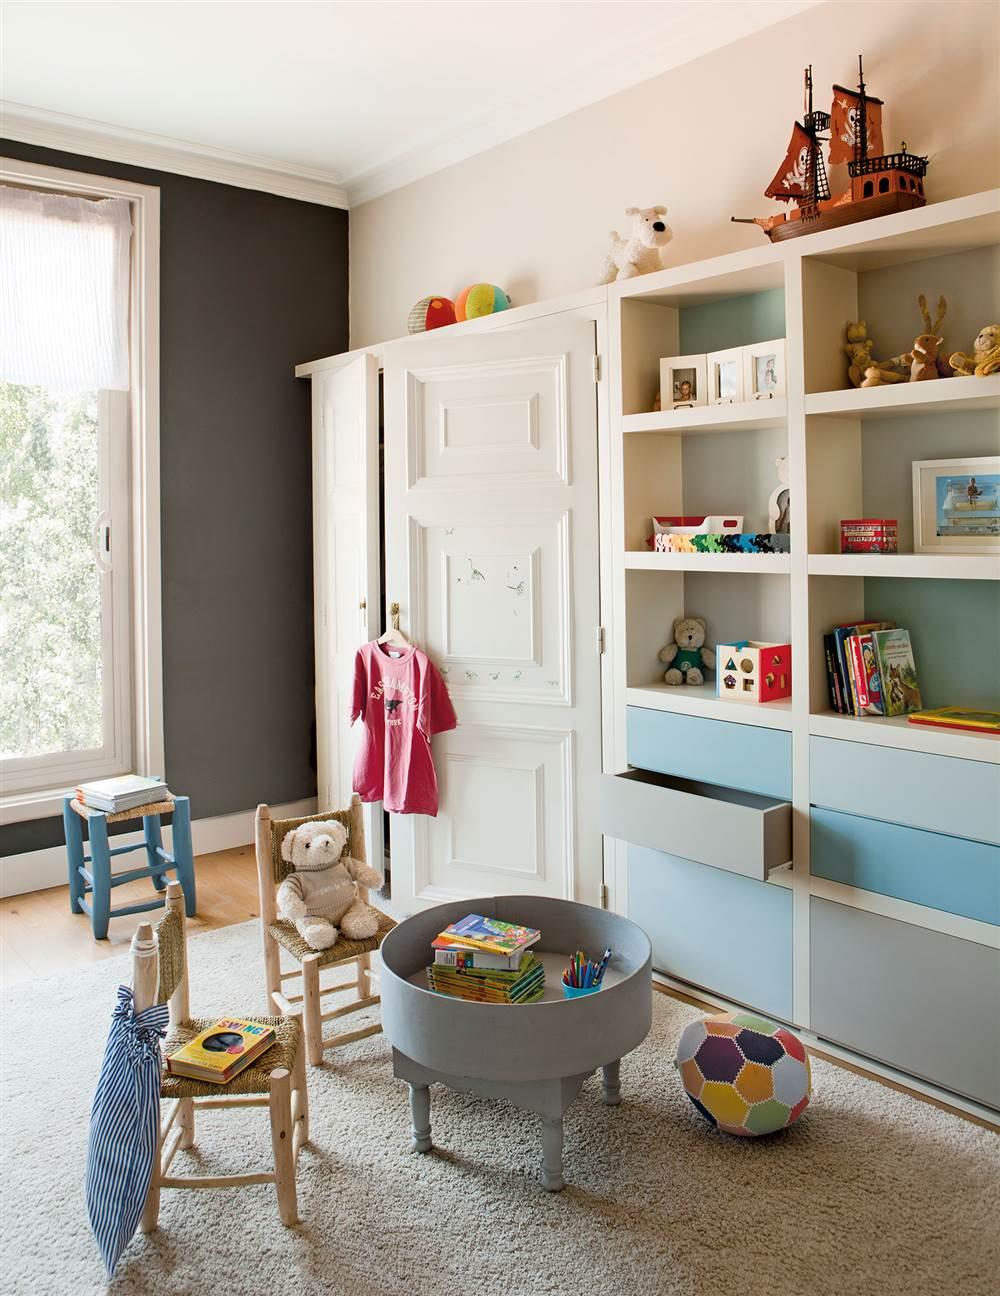 Soluciones para ordenar y guardar los juguetes - Estanterias guardar juguetes ...